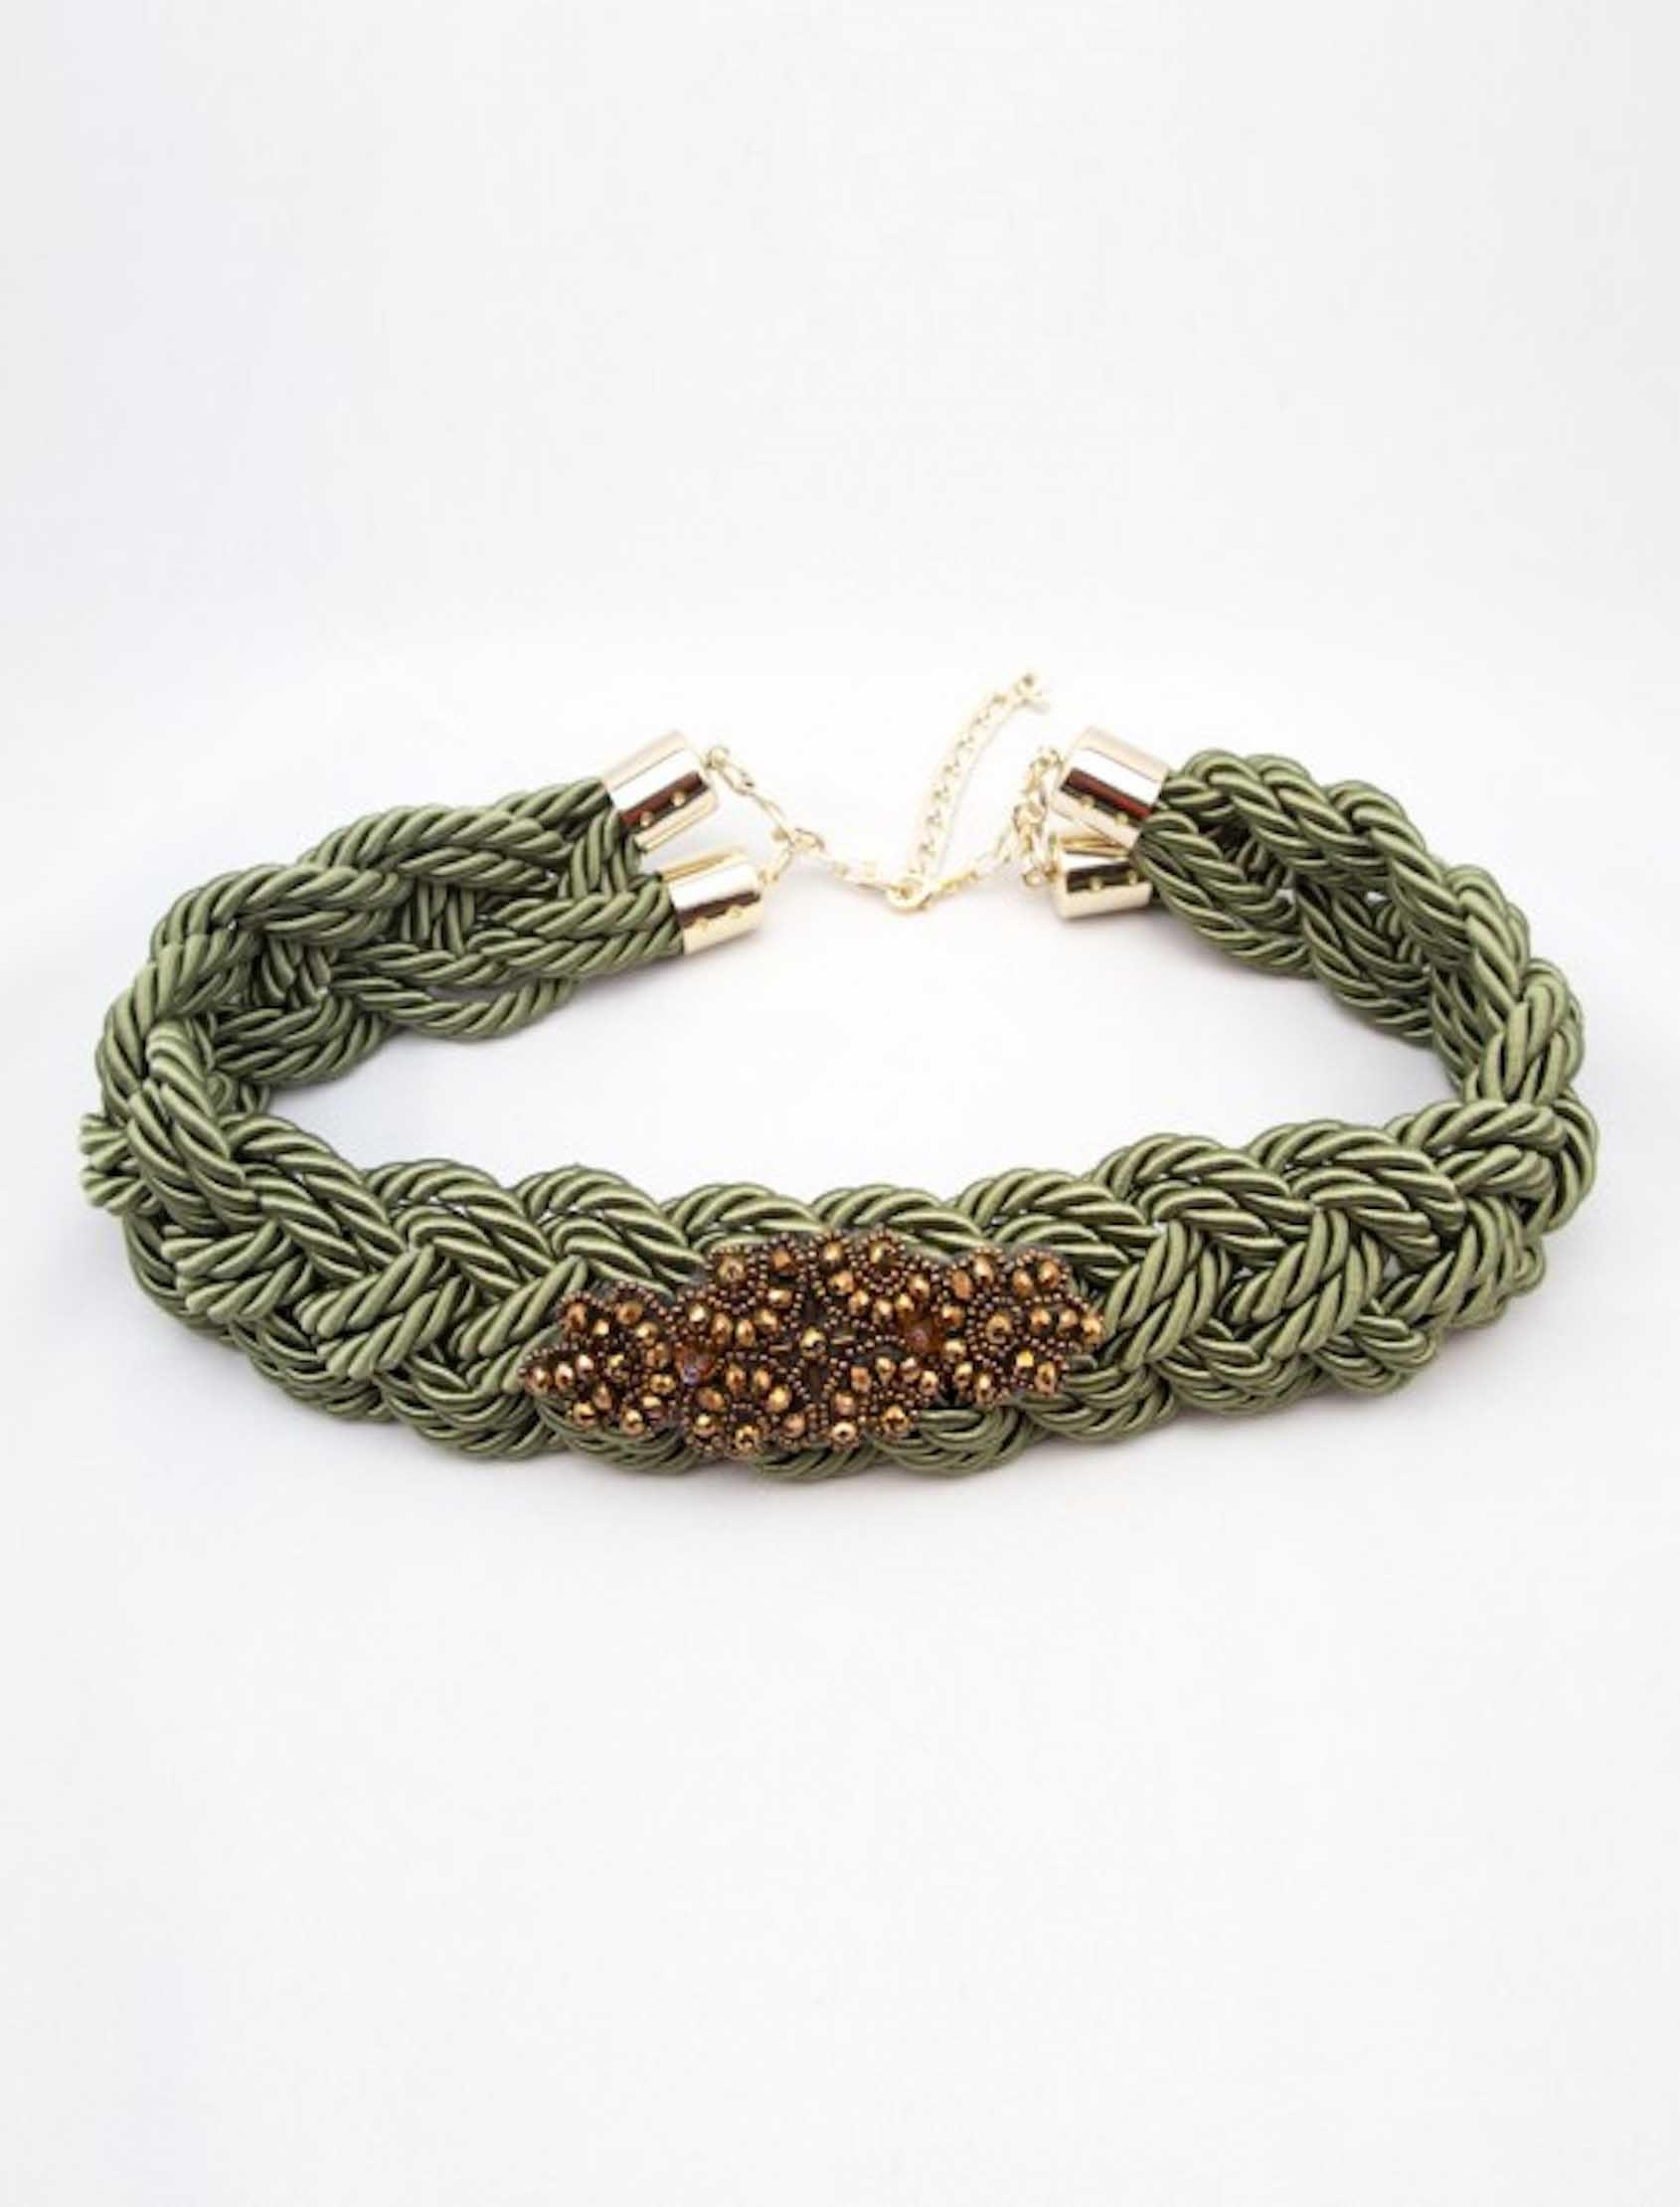 cinturón manarola en cordón de seda verde con aplique dorado